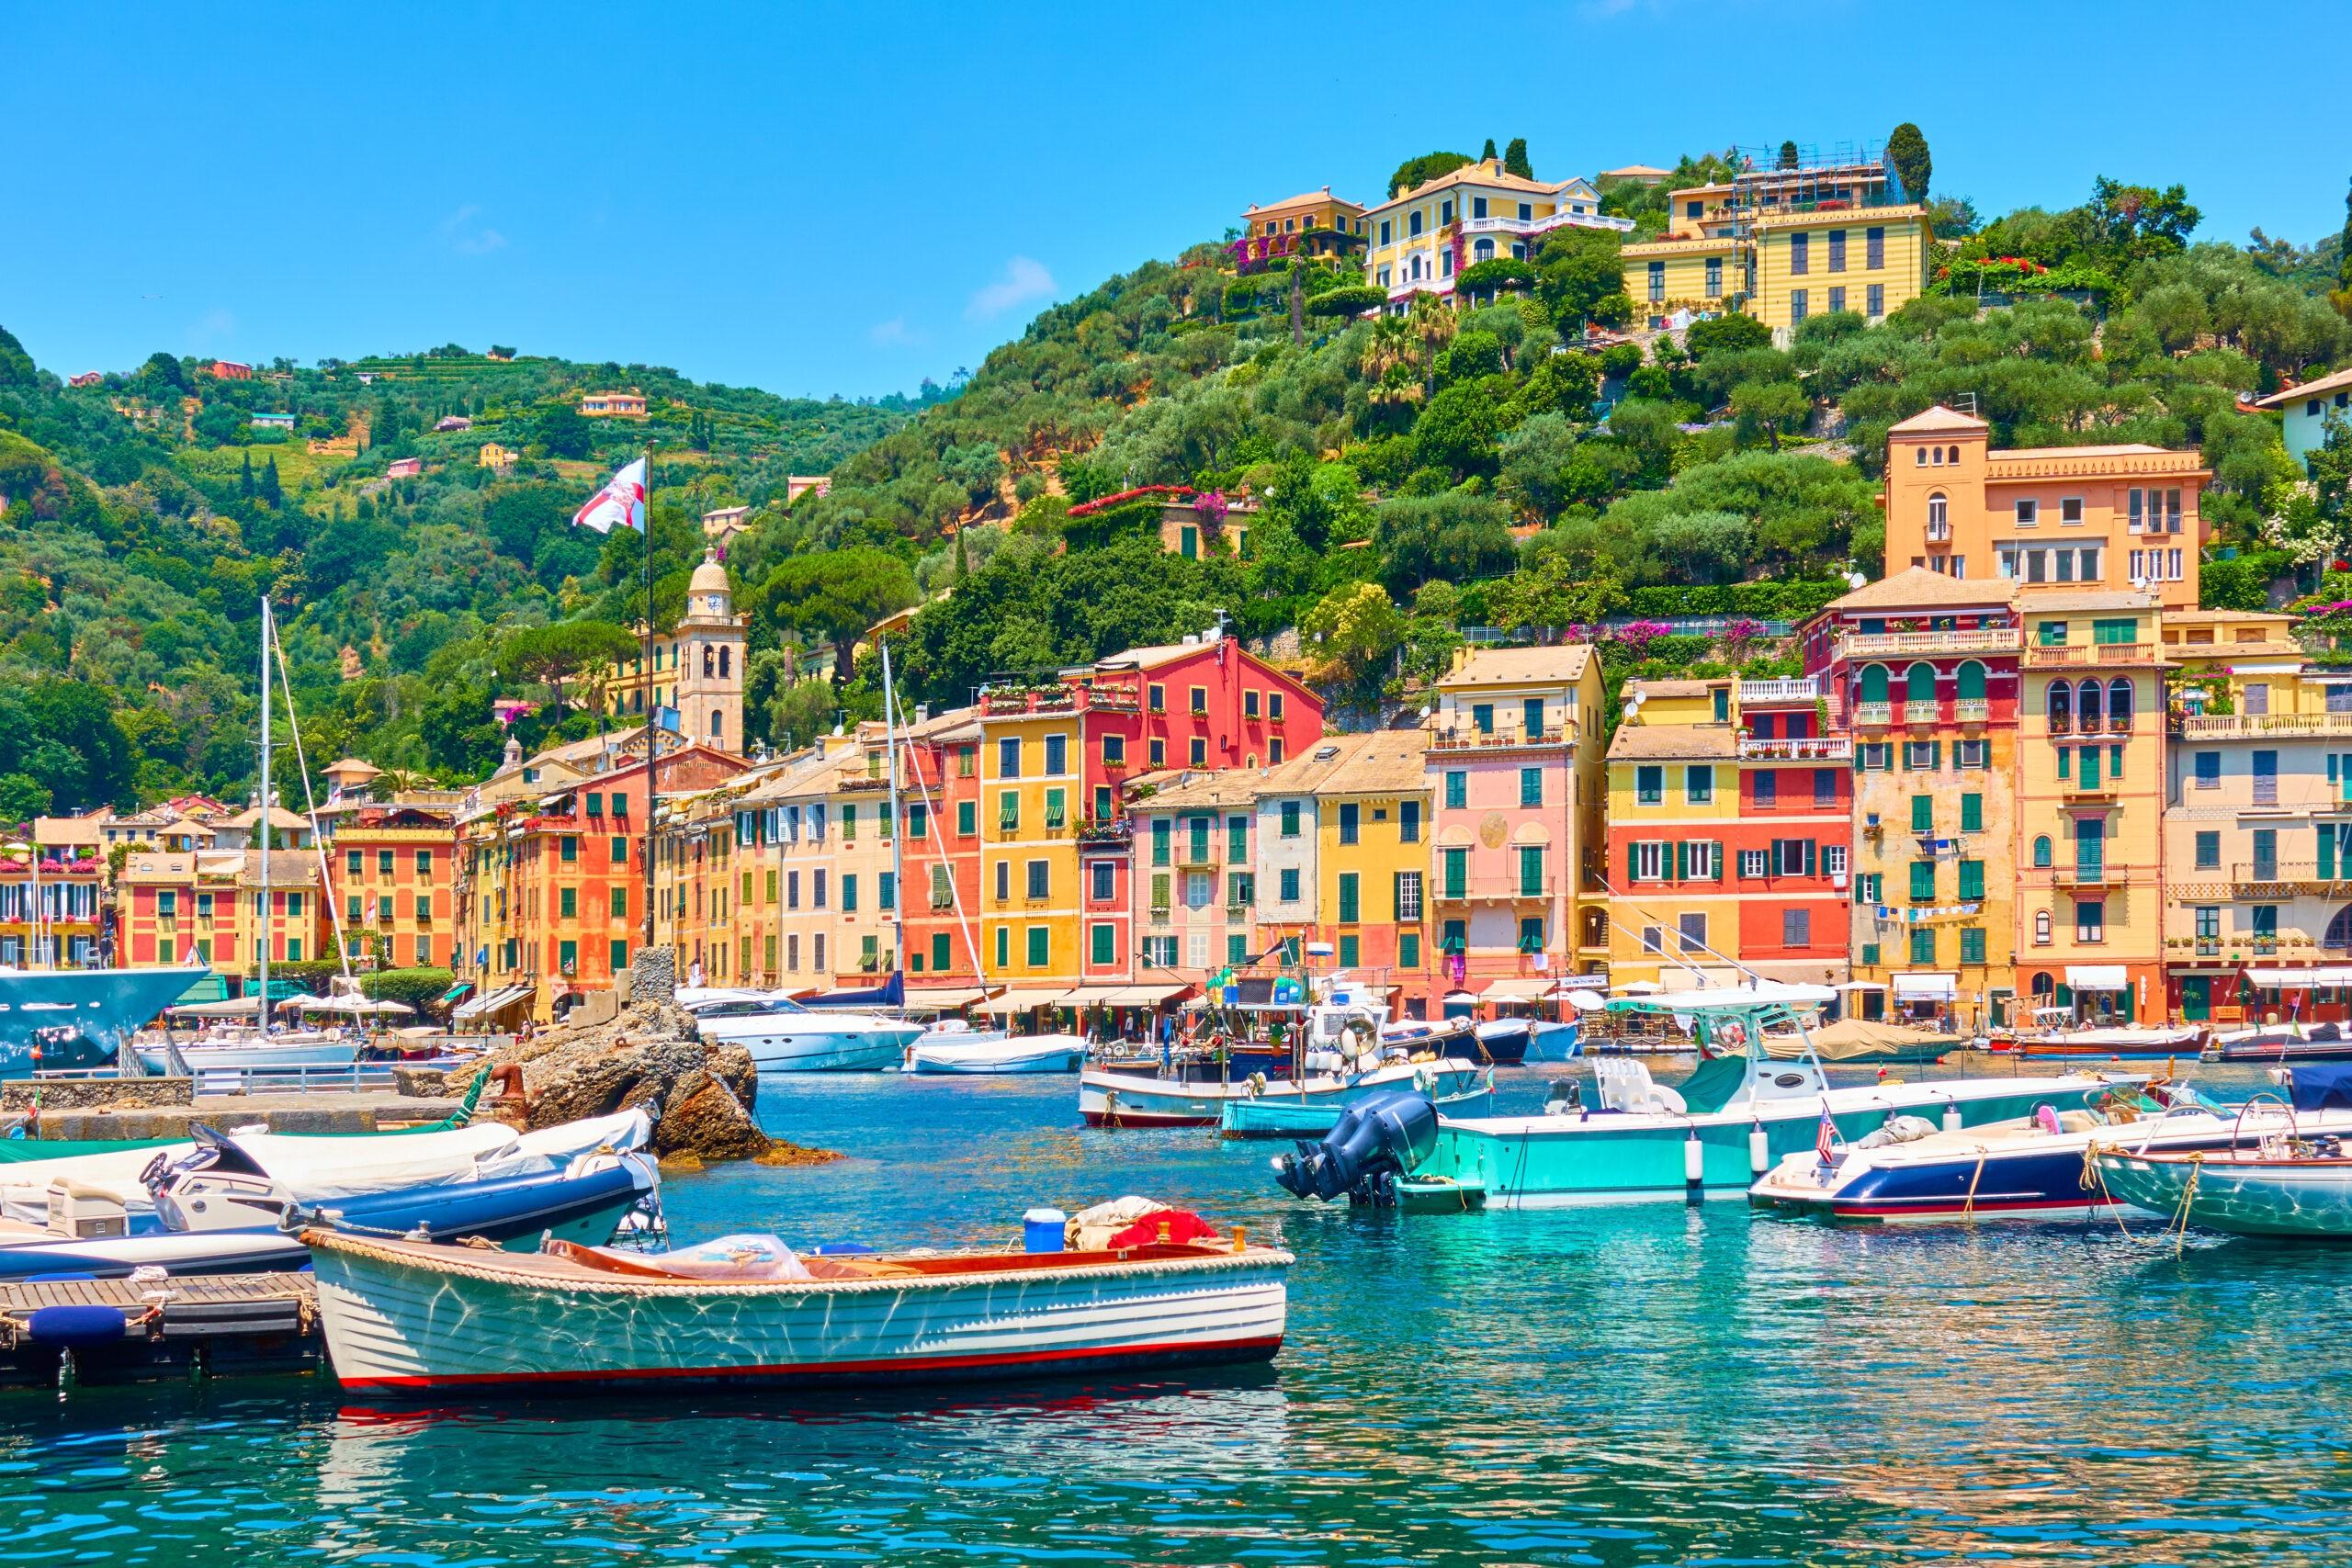 Widok na miasto Portofino i port z łodziami, Włochy